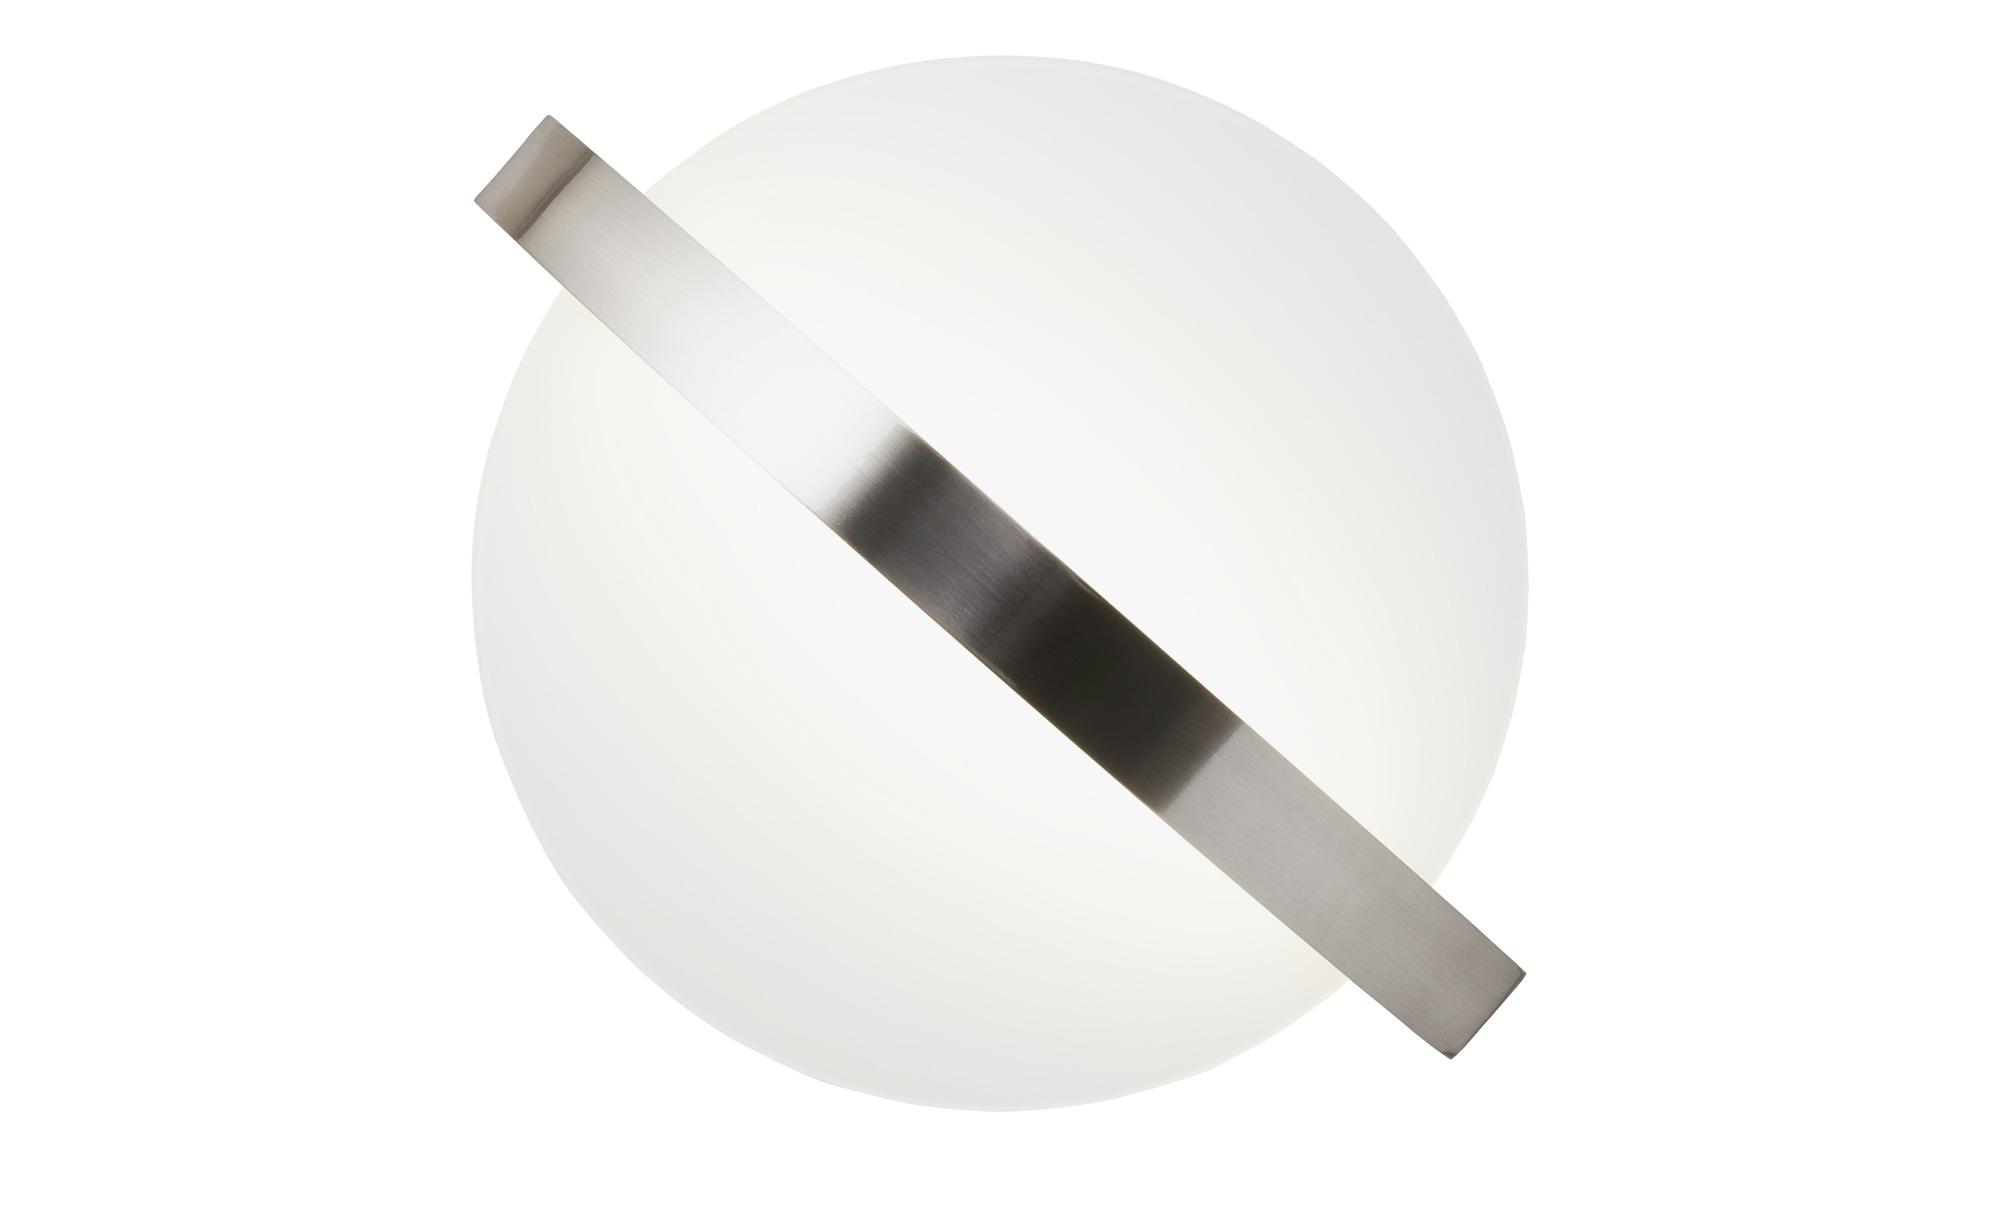 Wofi LED Deckenleuchte runde Glasblende ¦ silber ¦ Maße (cm): H: 13,5 Ø: [50.0] Lampen & Leuchten > Innenleuchten > Deckenleuchten - Höffner